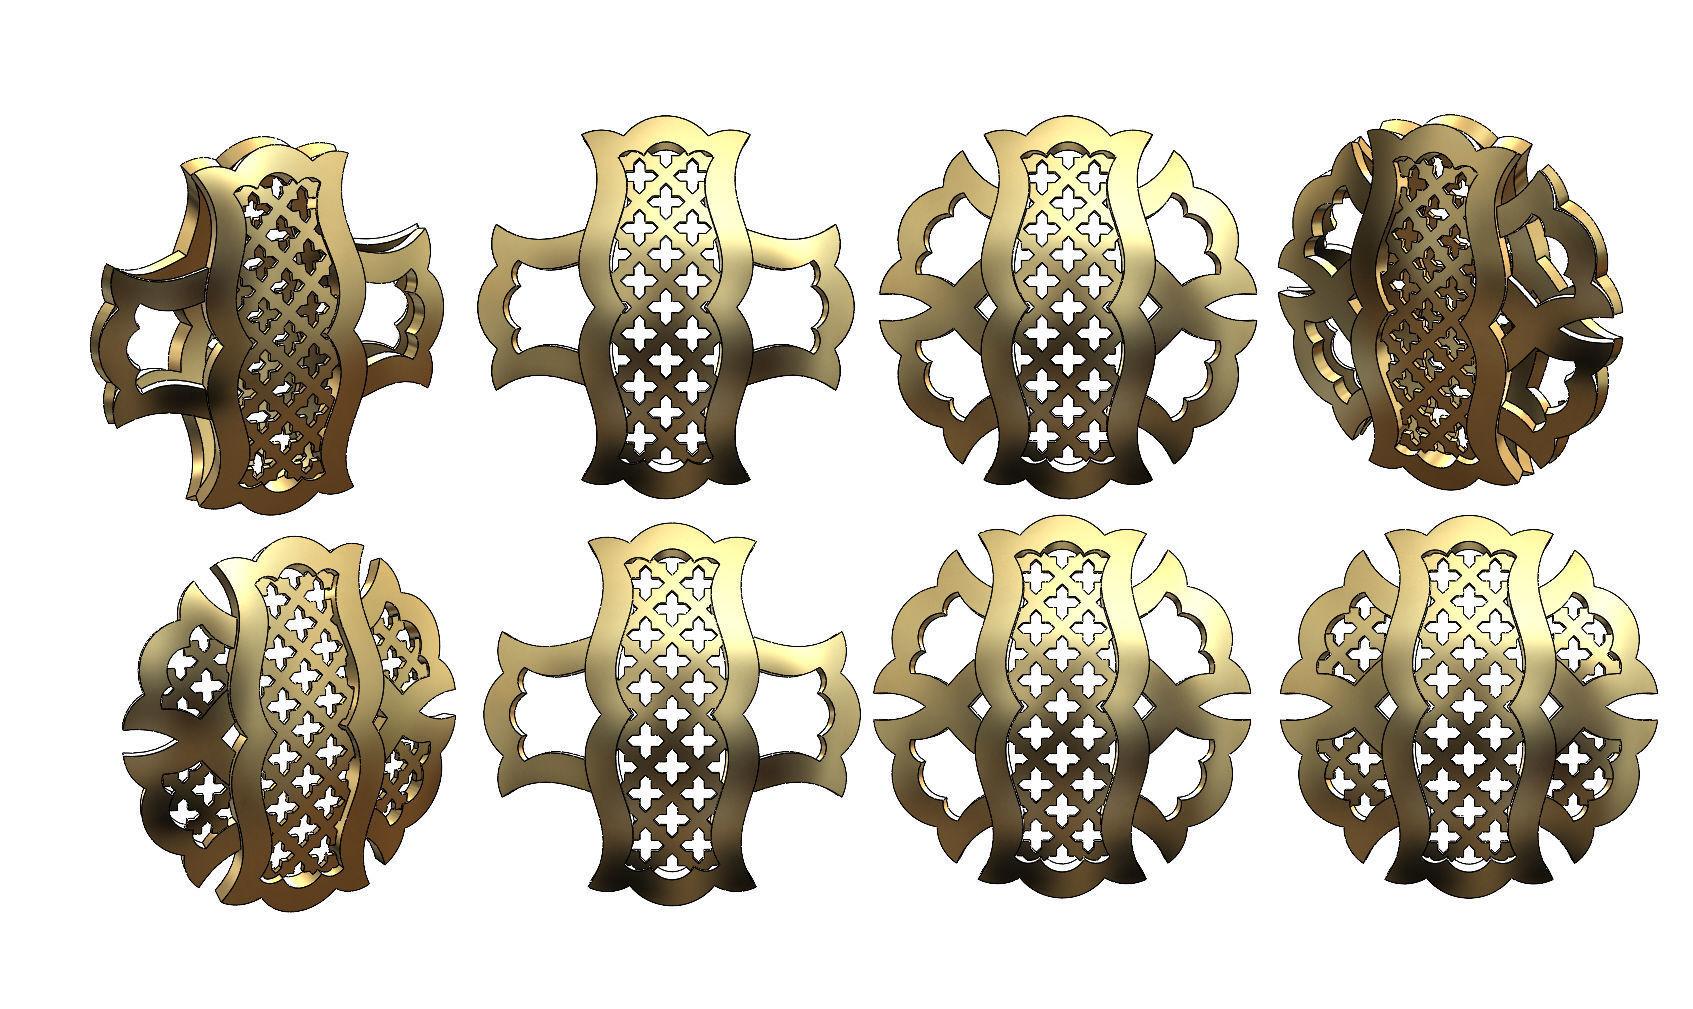 Variations on a arabian islamic pattern for pendants earrings